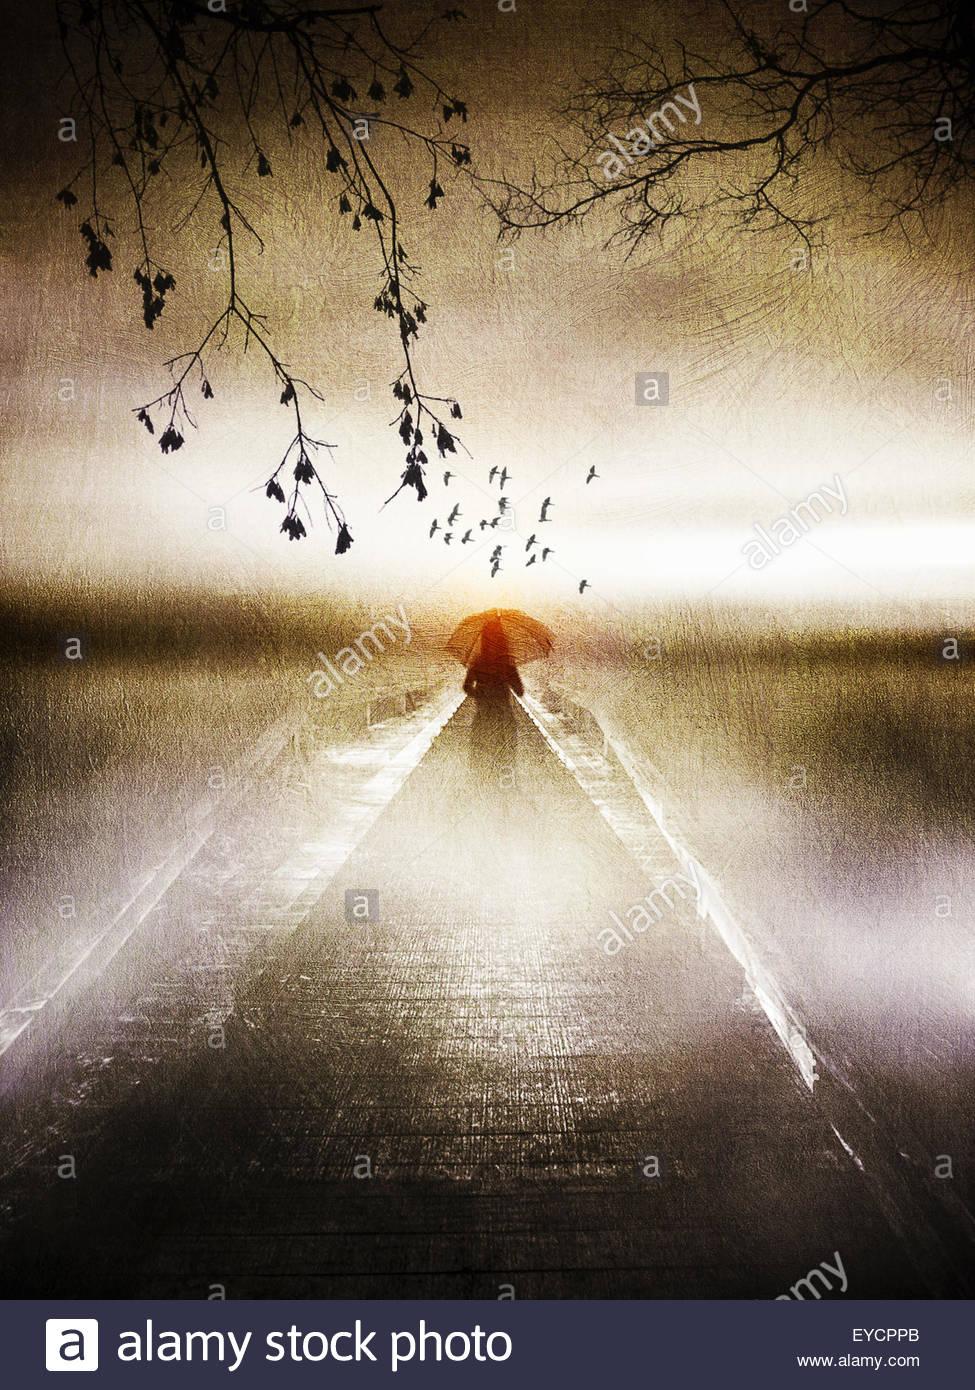 Mulher solitária com vermelho guarda-sol no cais atmosférica Imagens de Stock